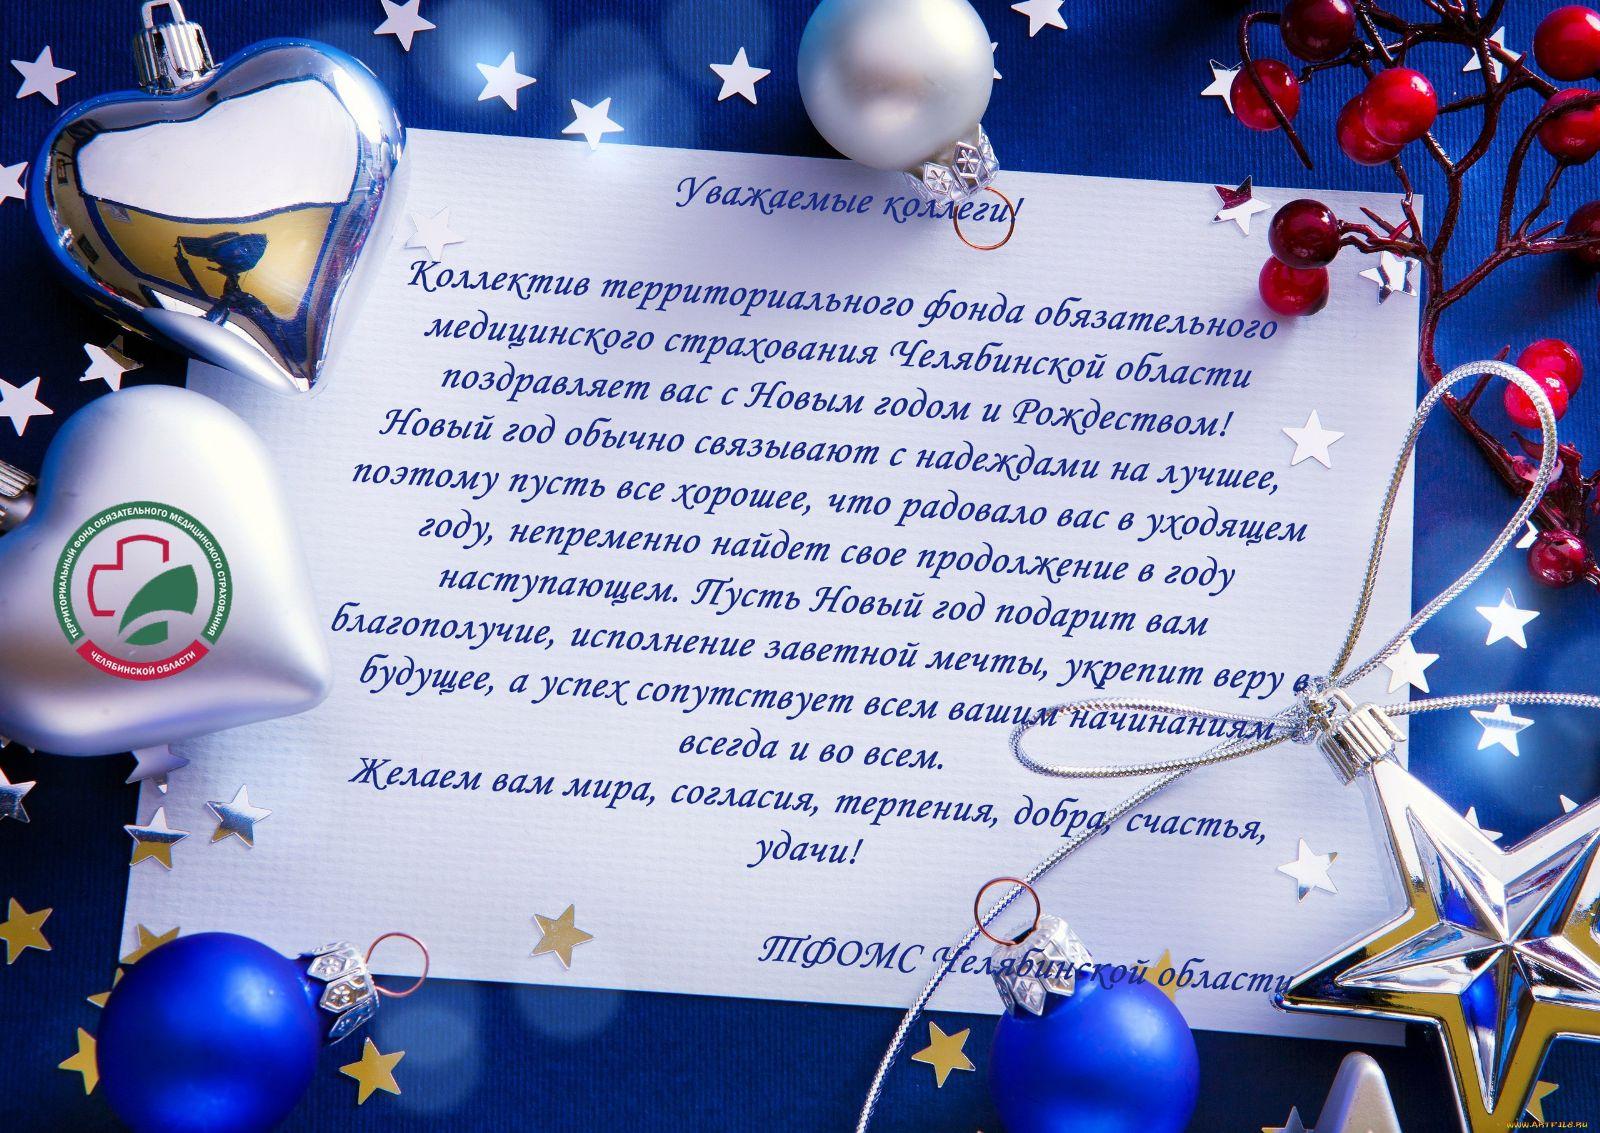 Поздравление с новым годом медицинскому коллективу